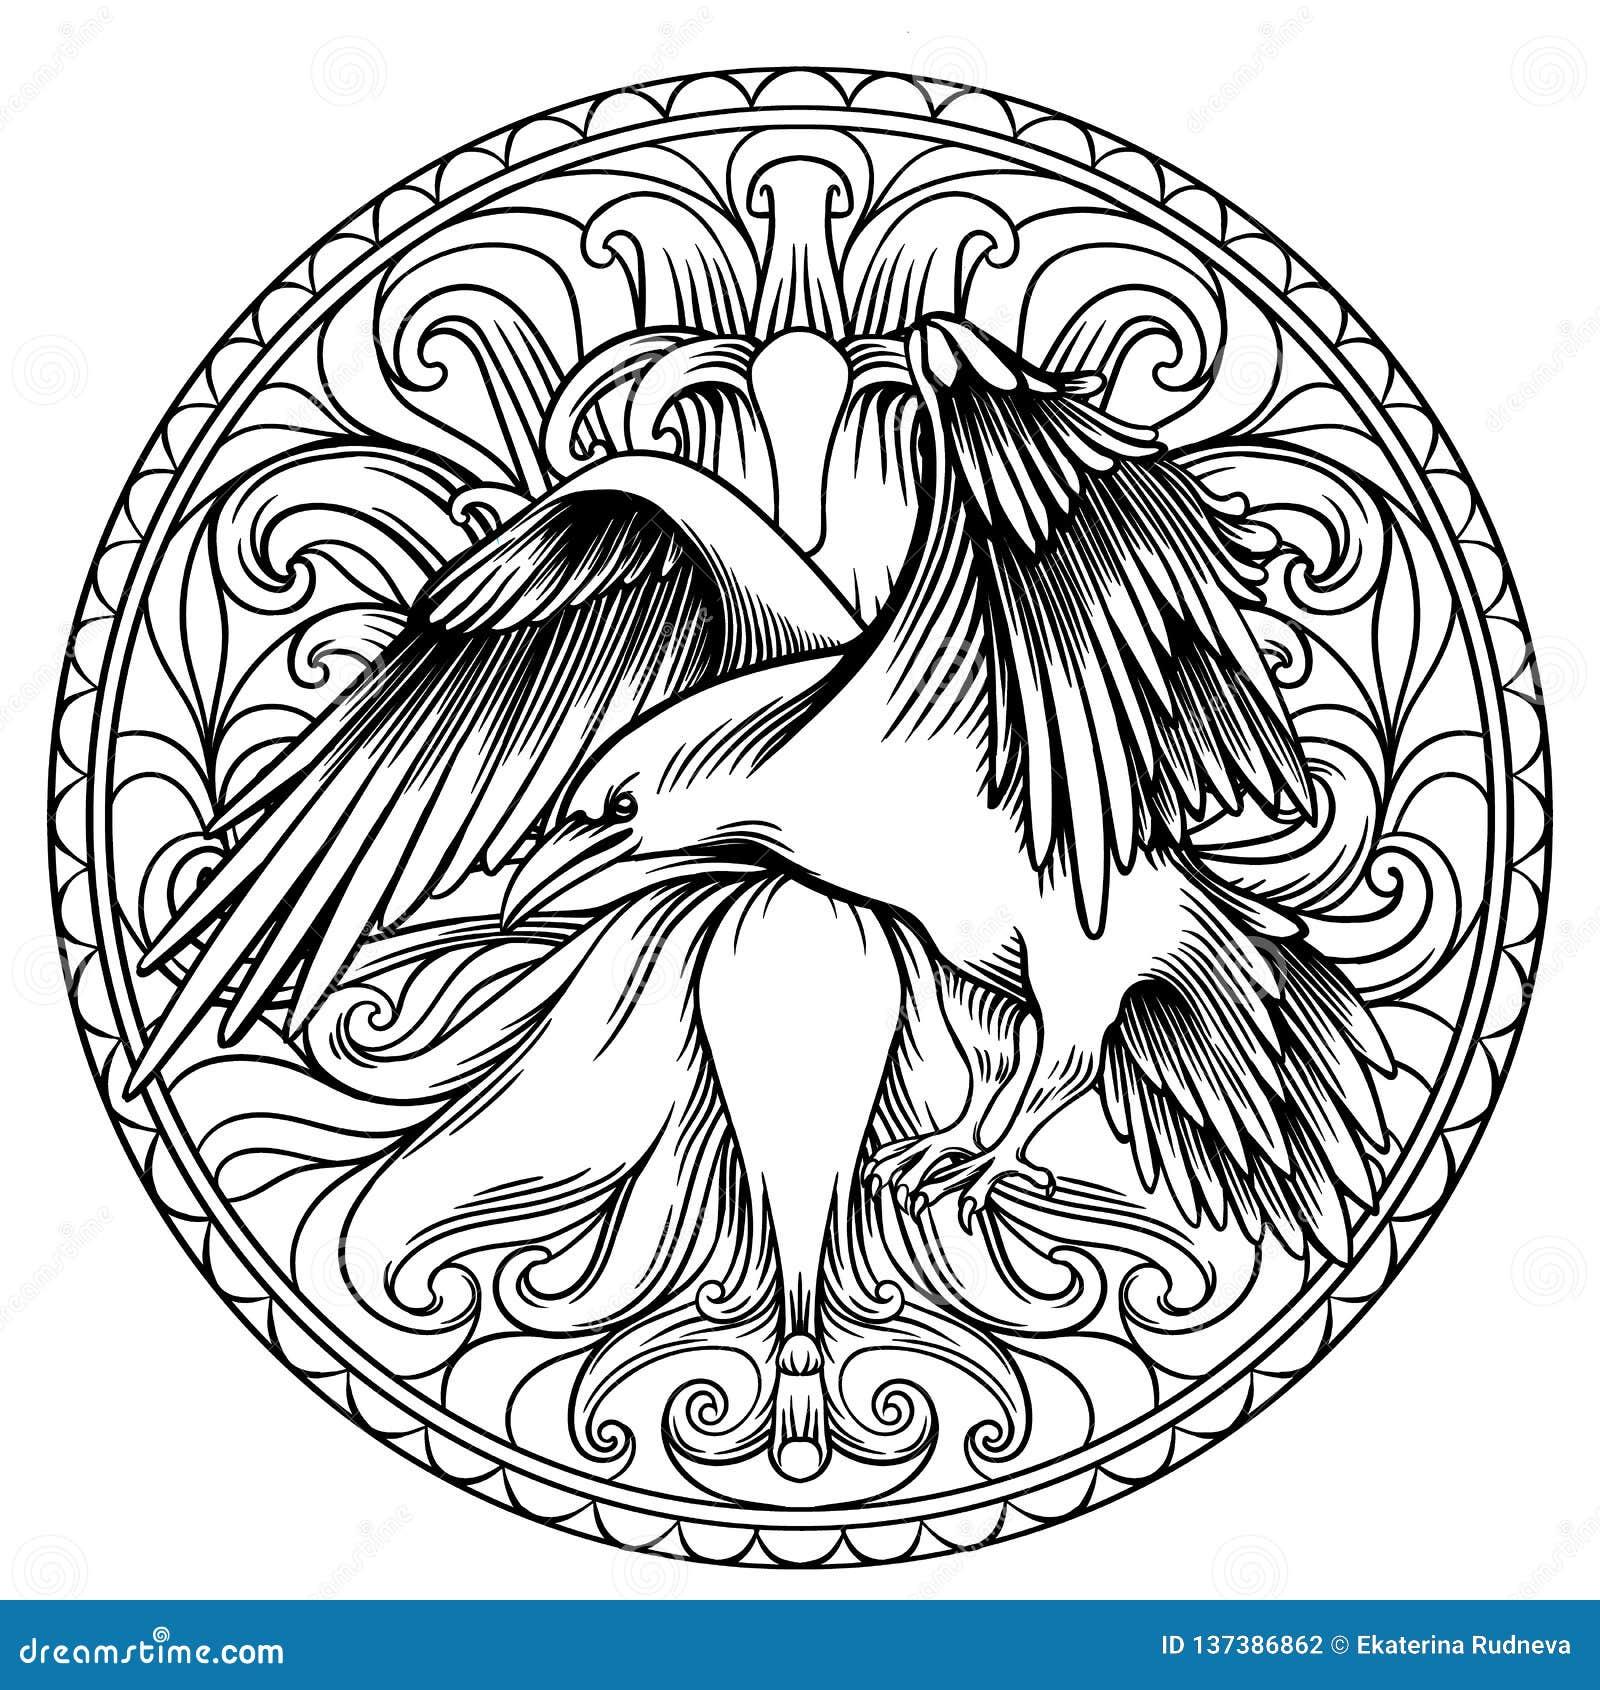 Linha Ilustracao Da Arte Das Asas Do Anjo Com Um Coracao E Um